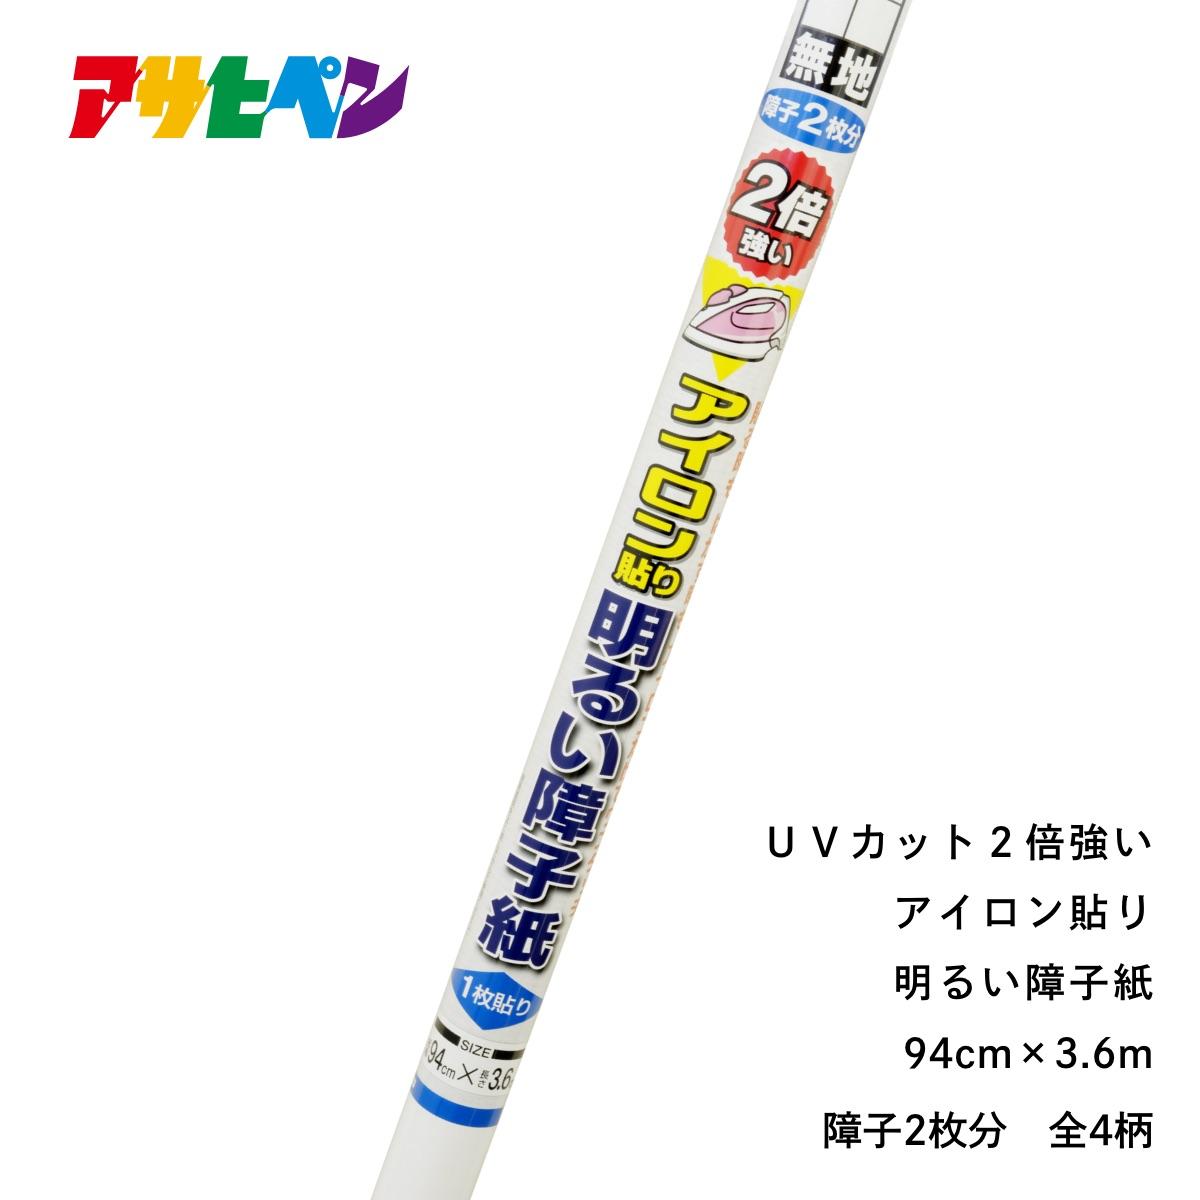 アサヒペン公式 UVカット2倍強い明るいアイロン貼り障子紙 メーカー再生品 再販ご予約限定送料無料 幅94cm×長さ3.6m